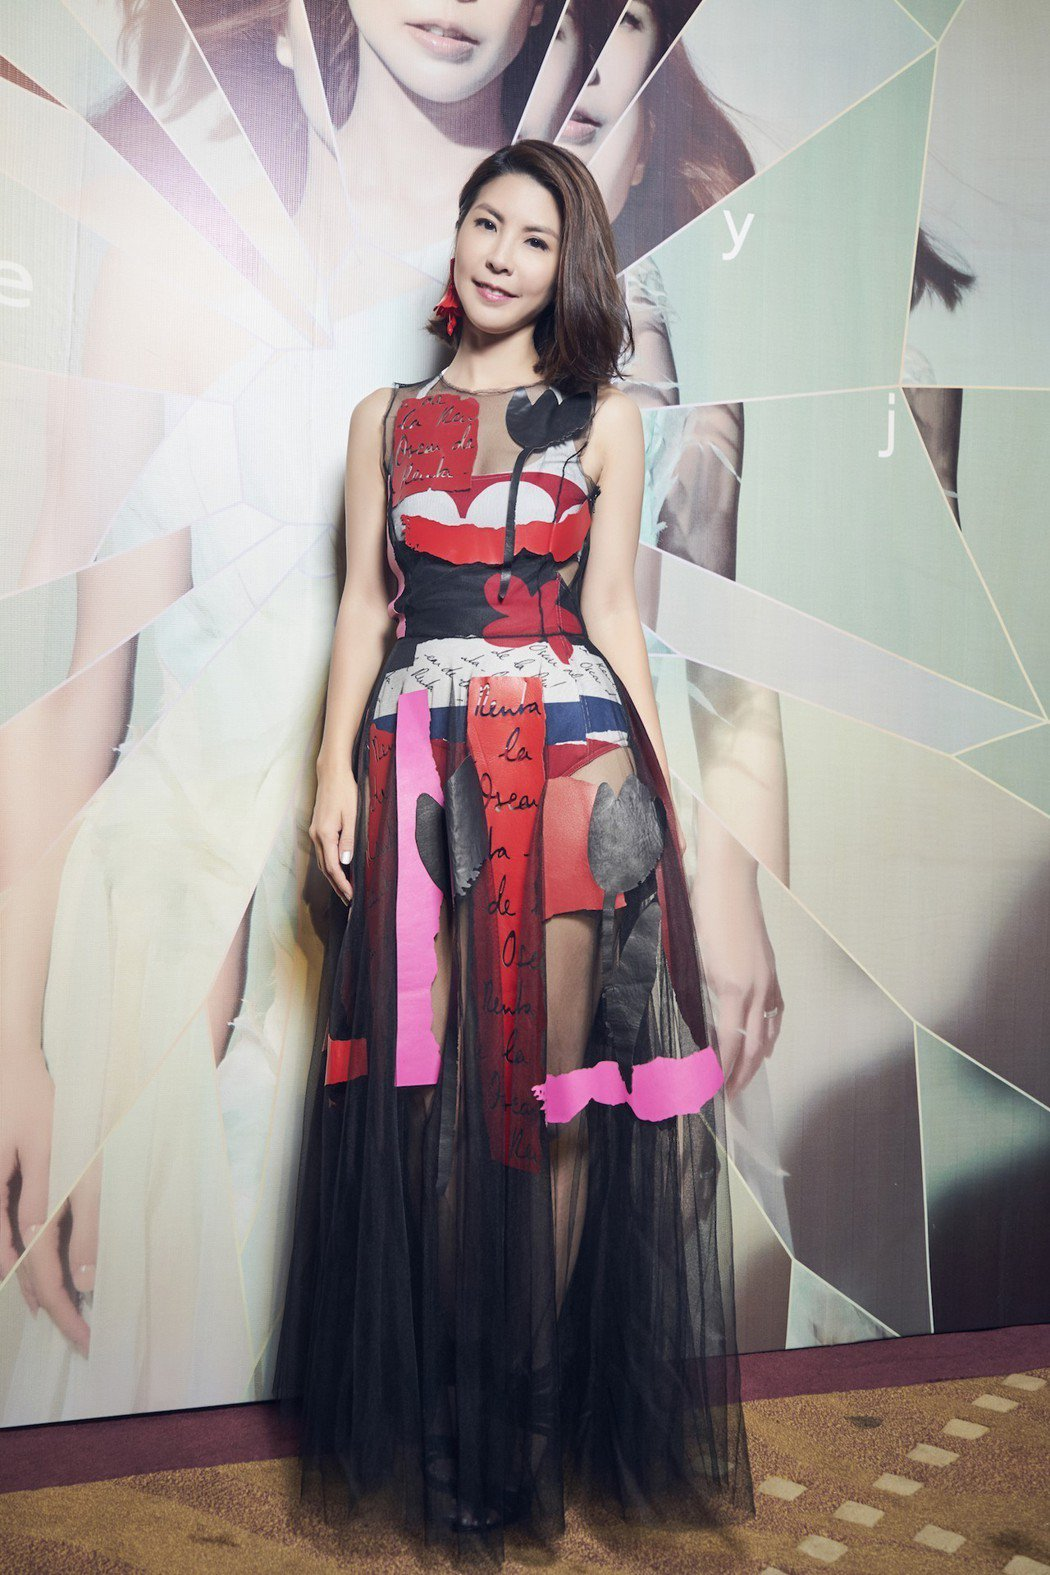 許茹芸將在9月展開「綻放的綻放的綻放」巡演。圖/索尼提供